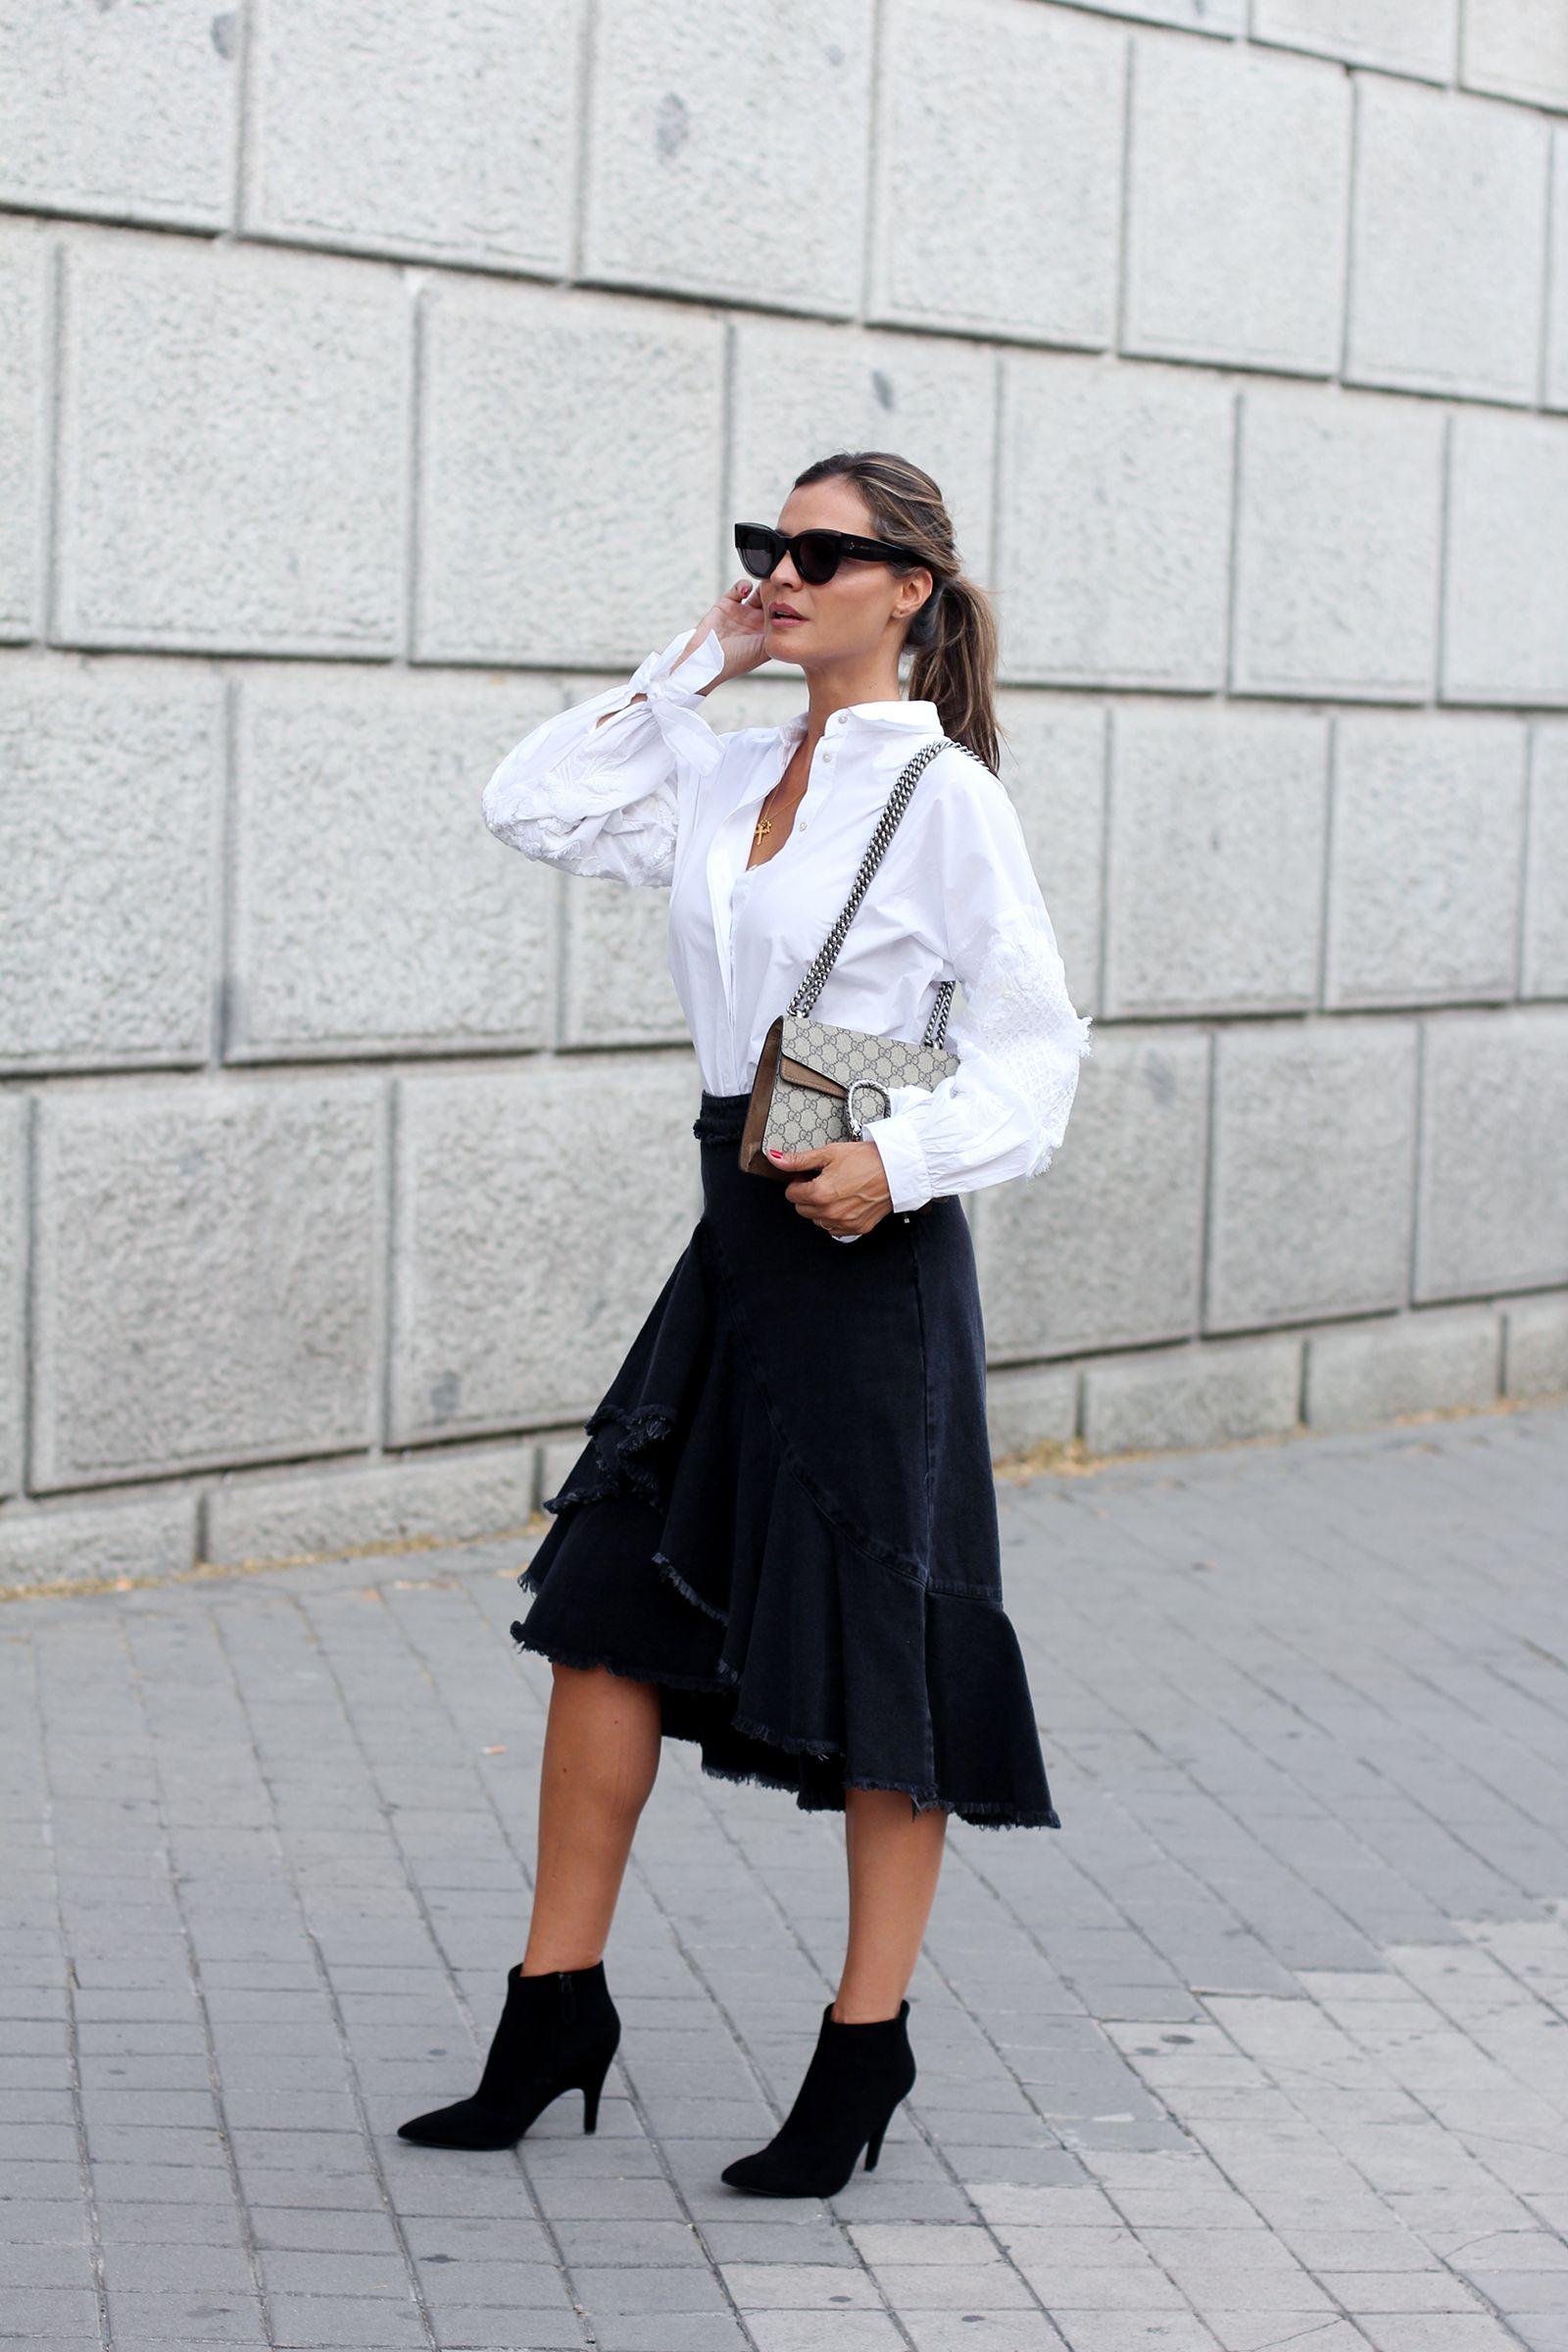 Camisa blanca: cómo usarla correctamente en tu look diario.